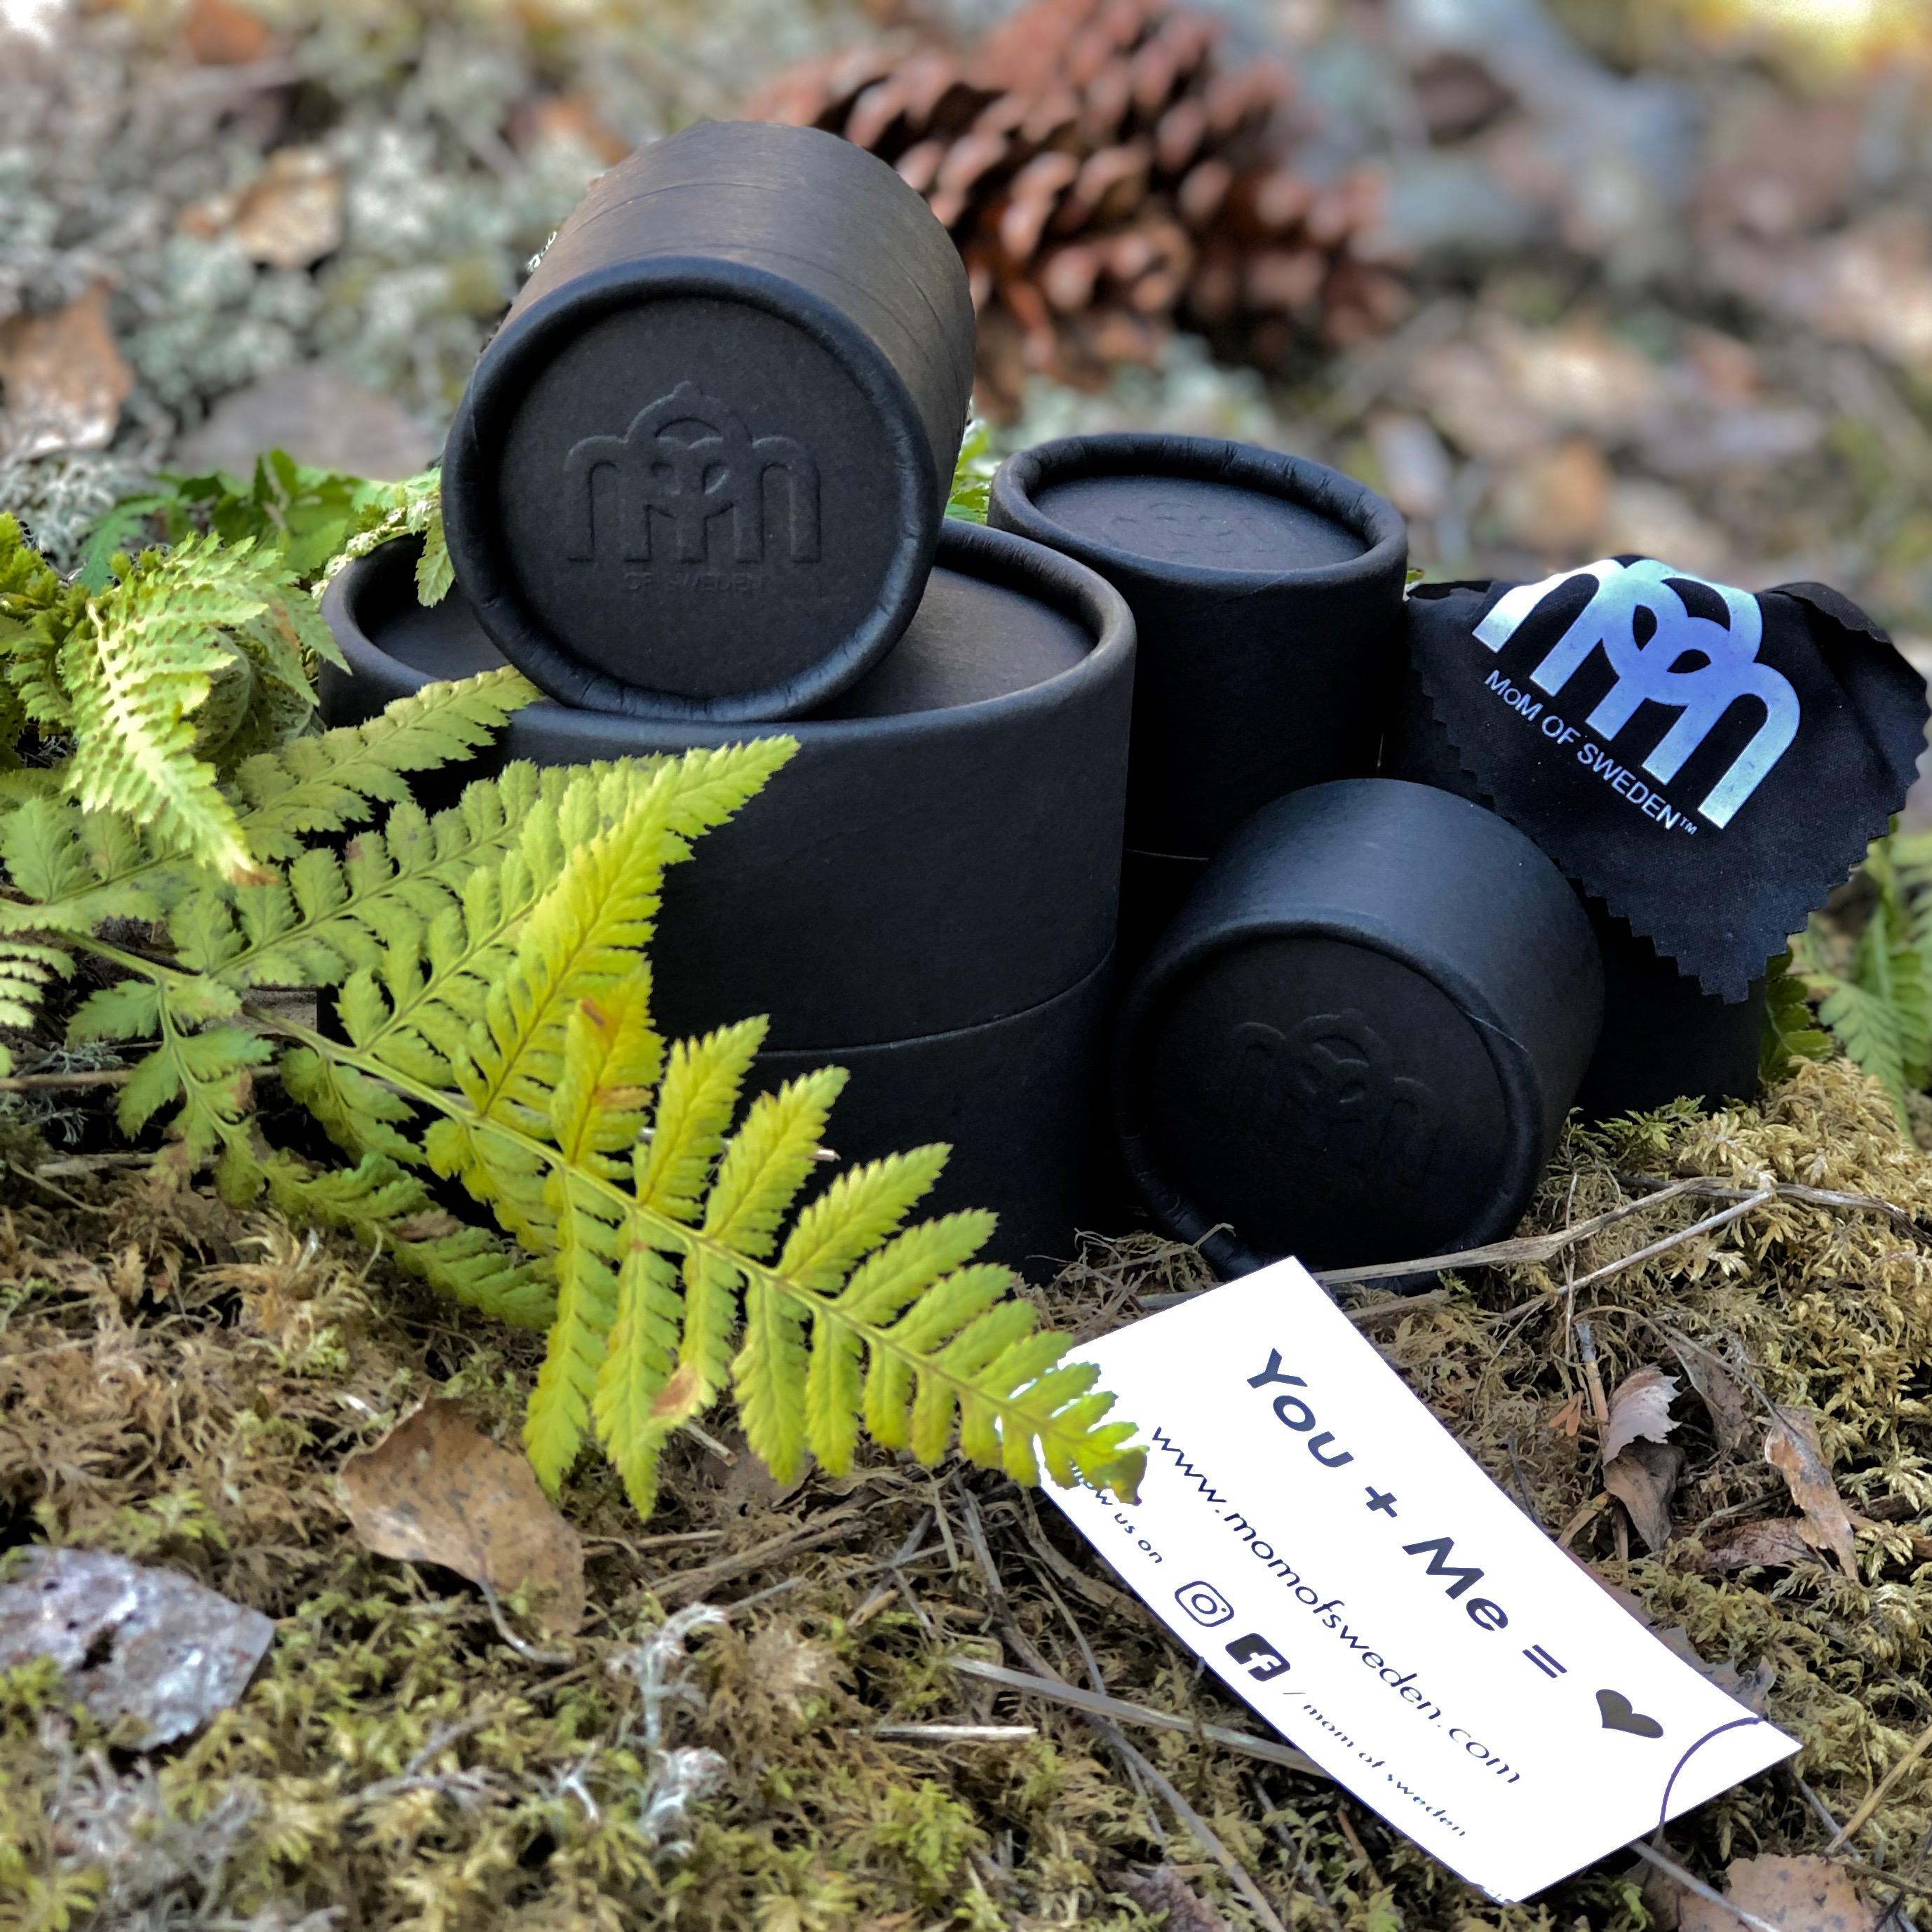 Miljövänliga smyckesförpackningar. Sustainable jewellery boxes.